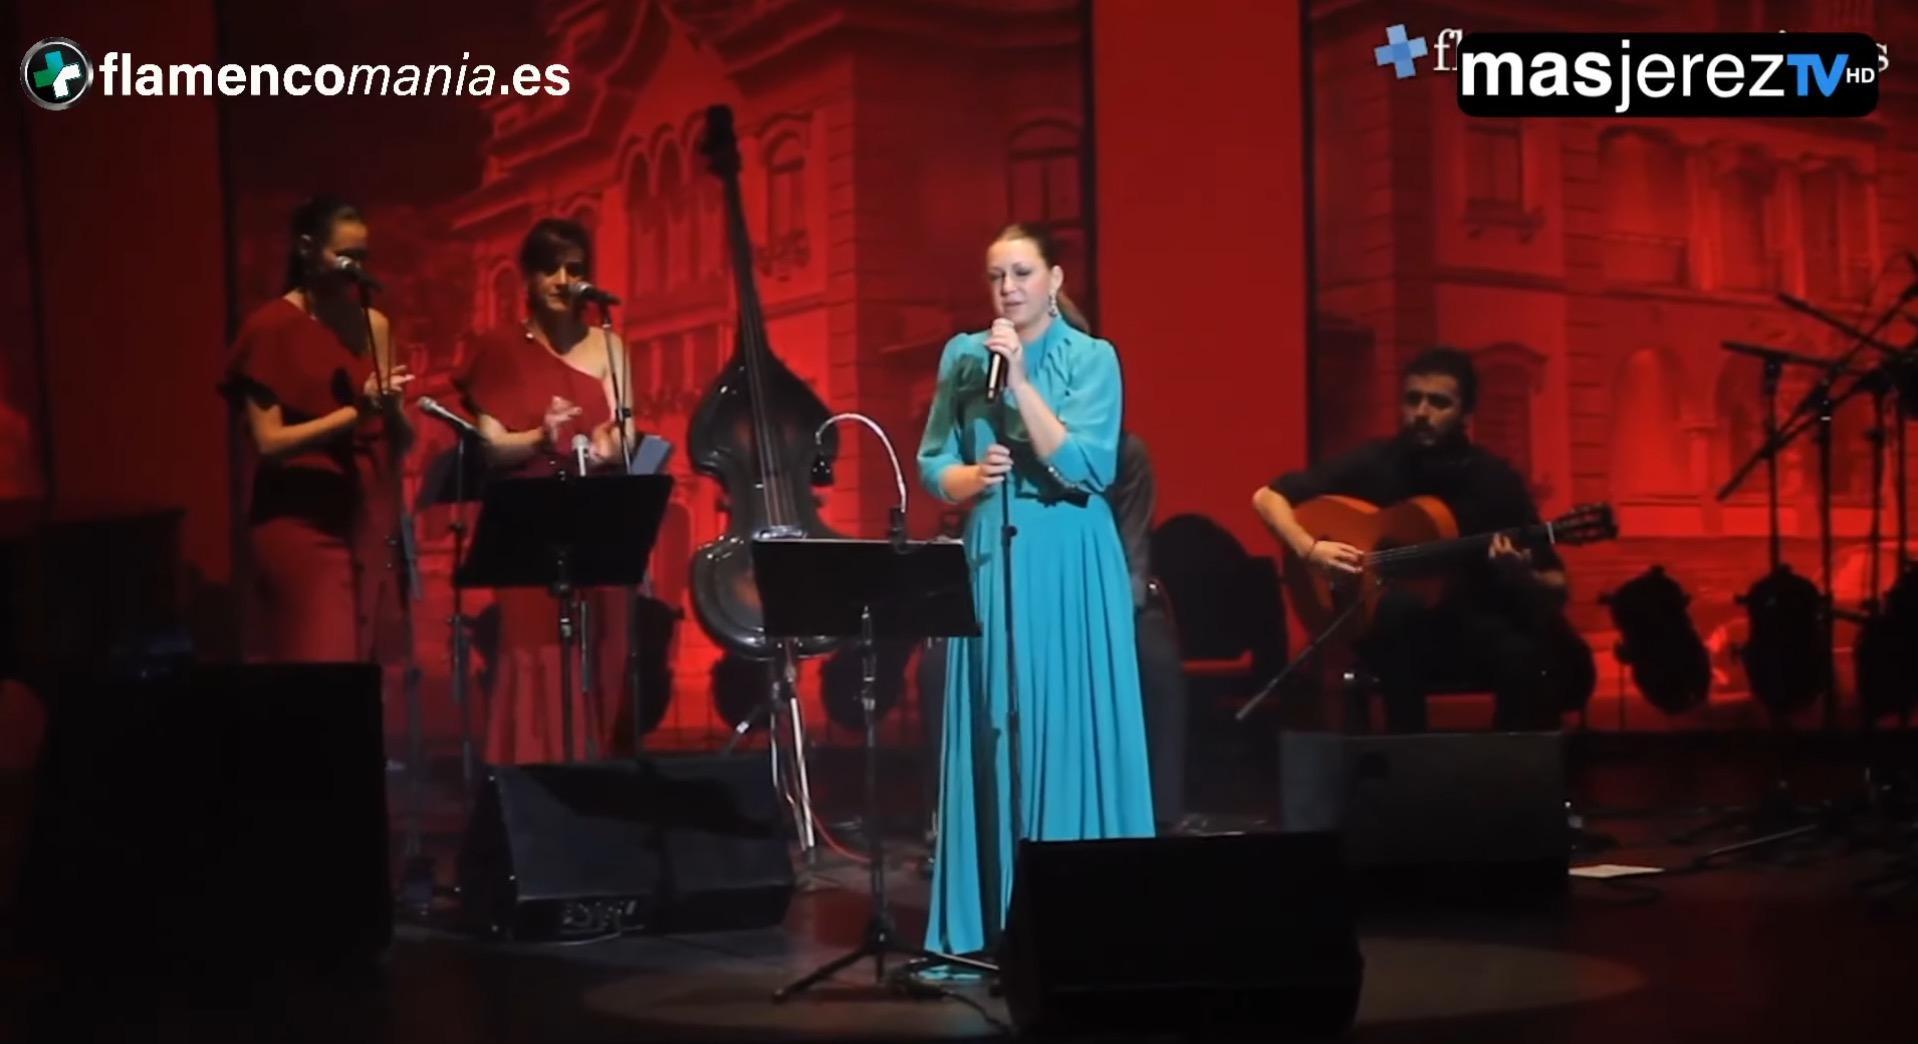 Flamencomanía TV: Día 7 - YoMeQuedoEnCasa un viernes por la noche